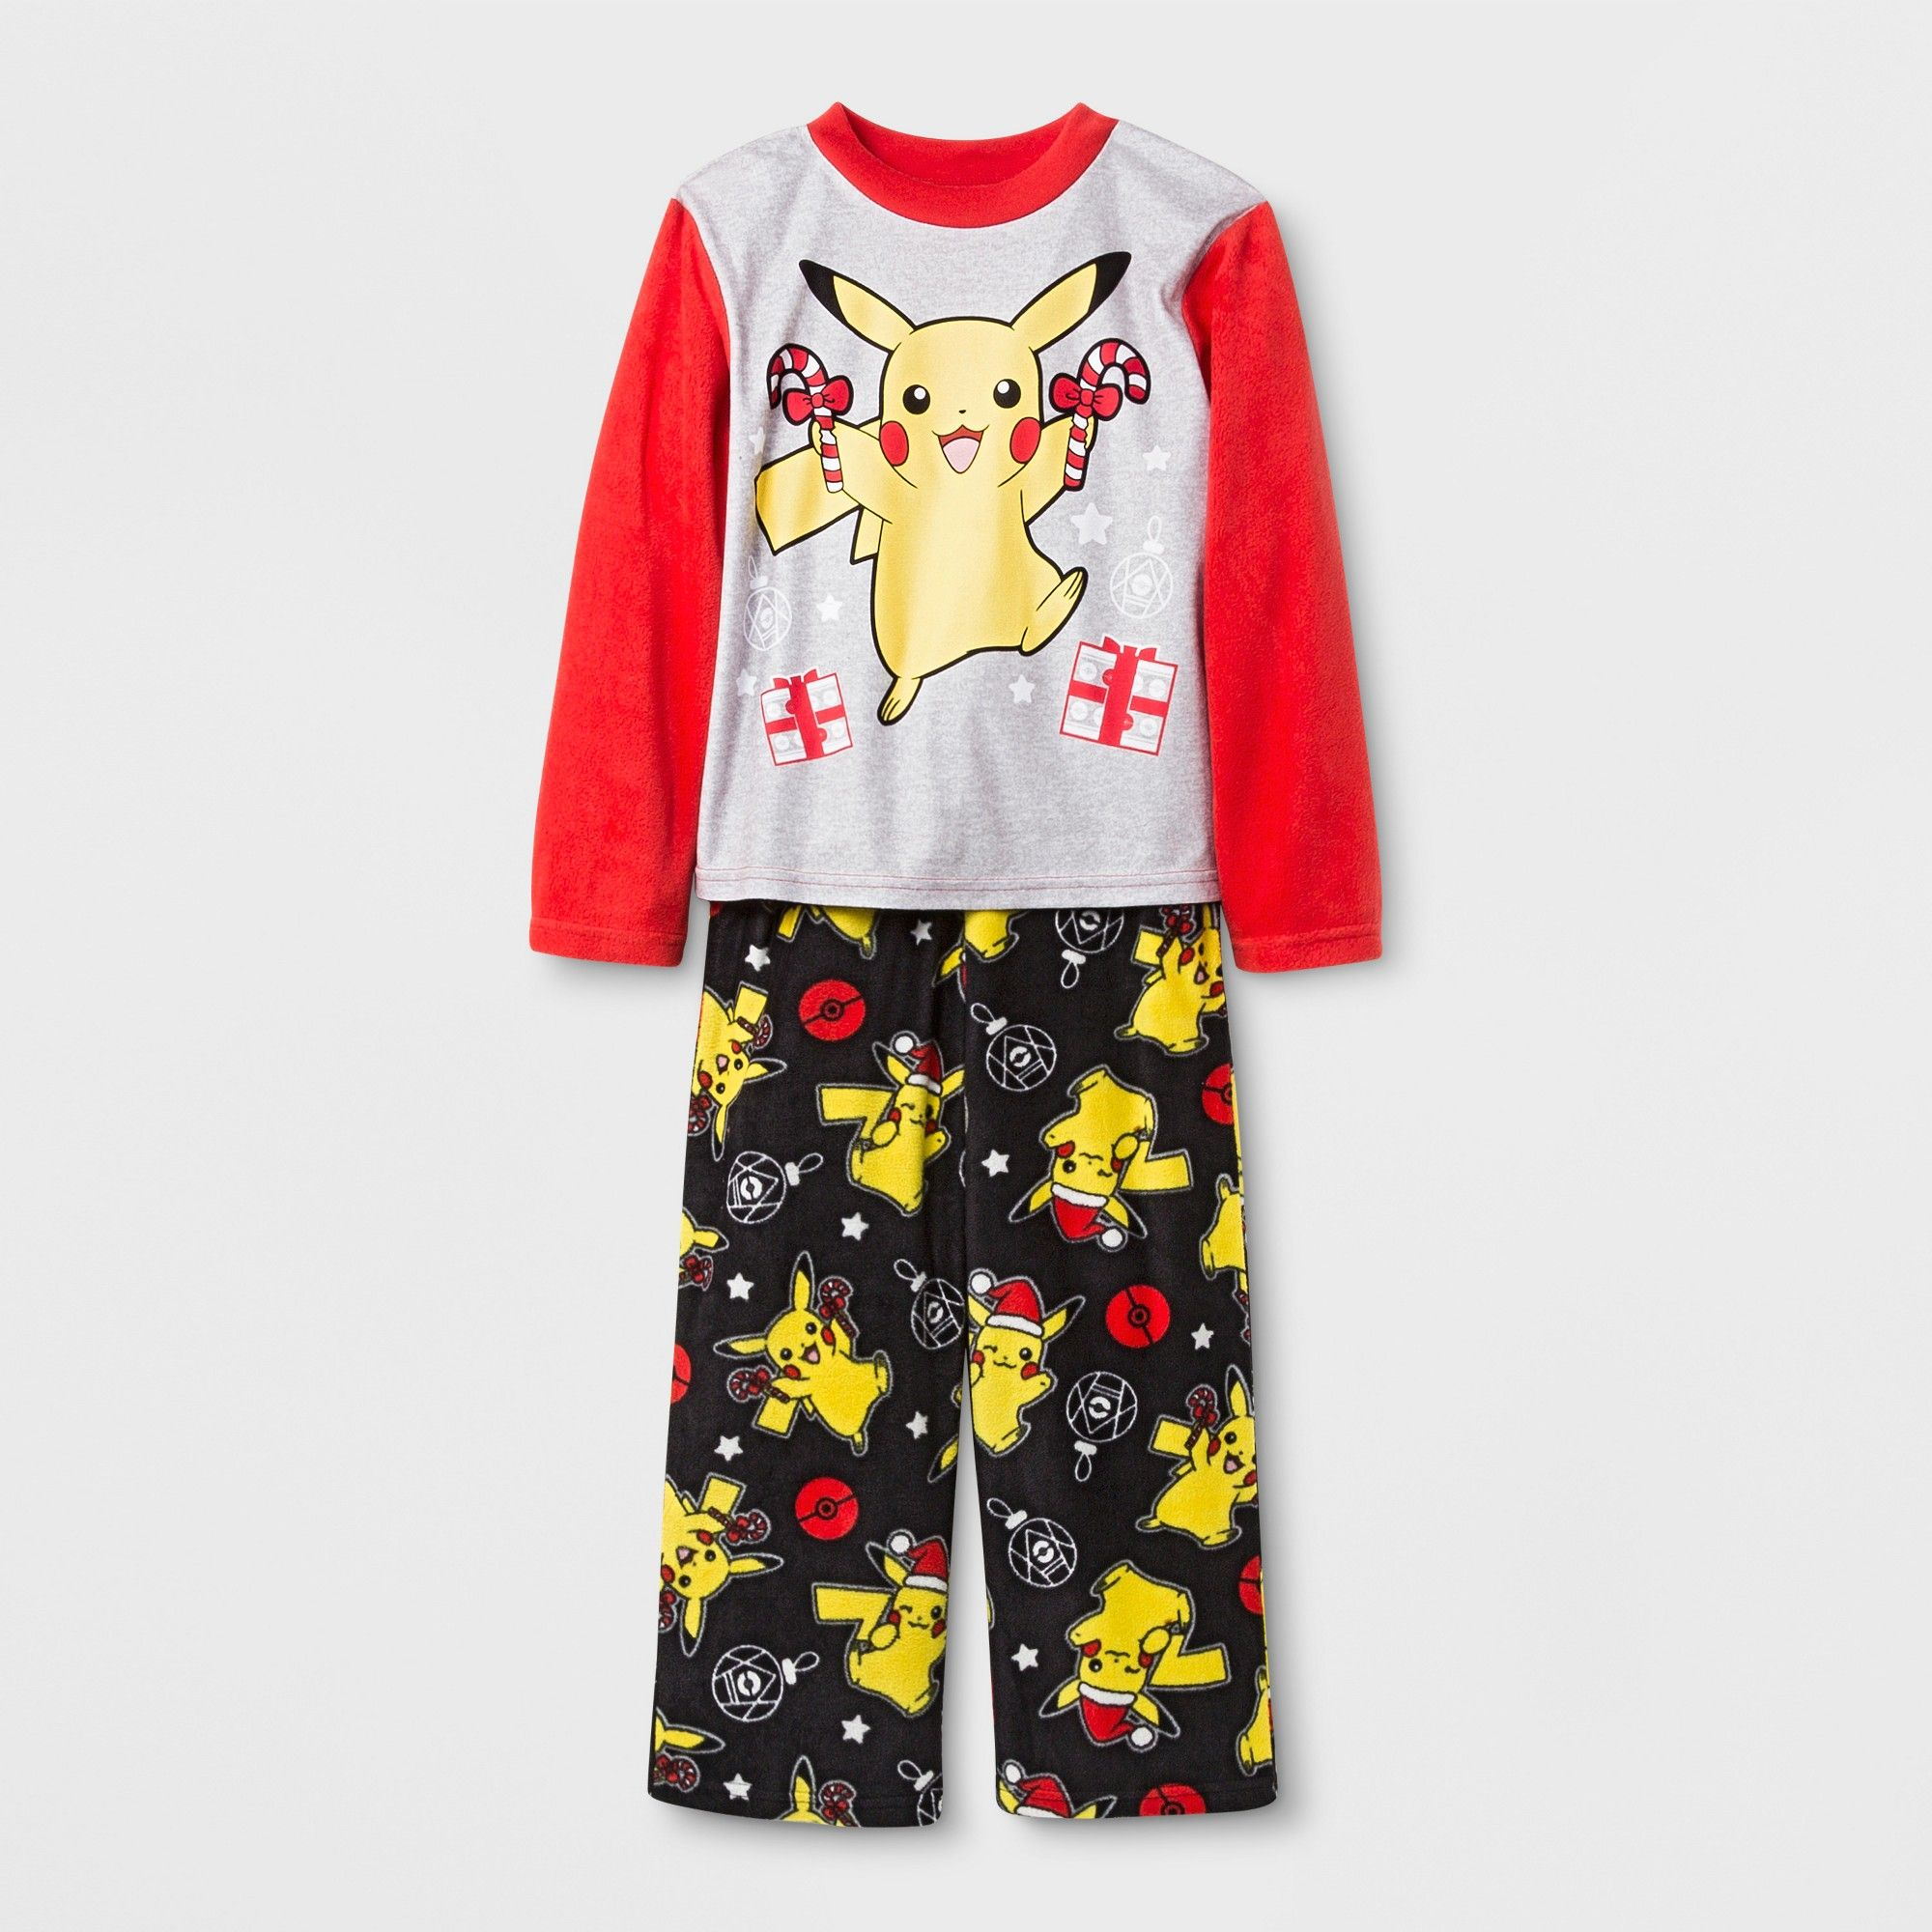 2 New Pair Pokemon Pajamas Size 2 4 Long Sleeve